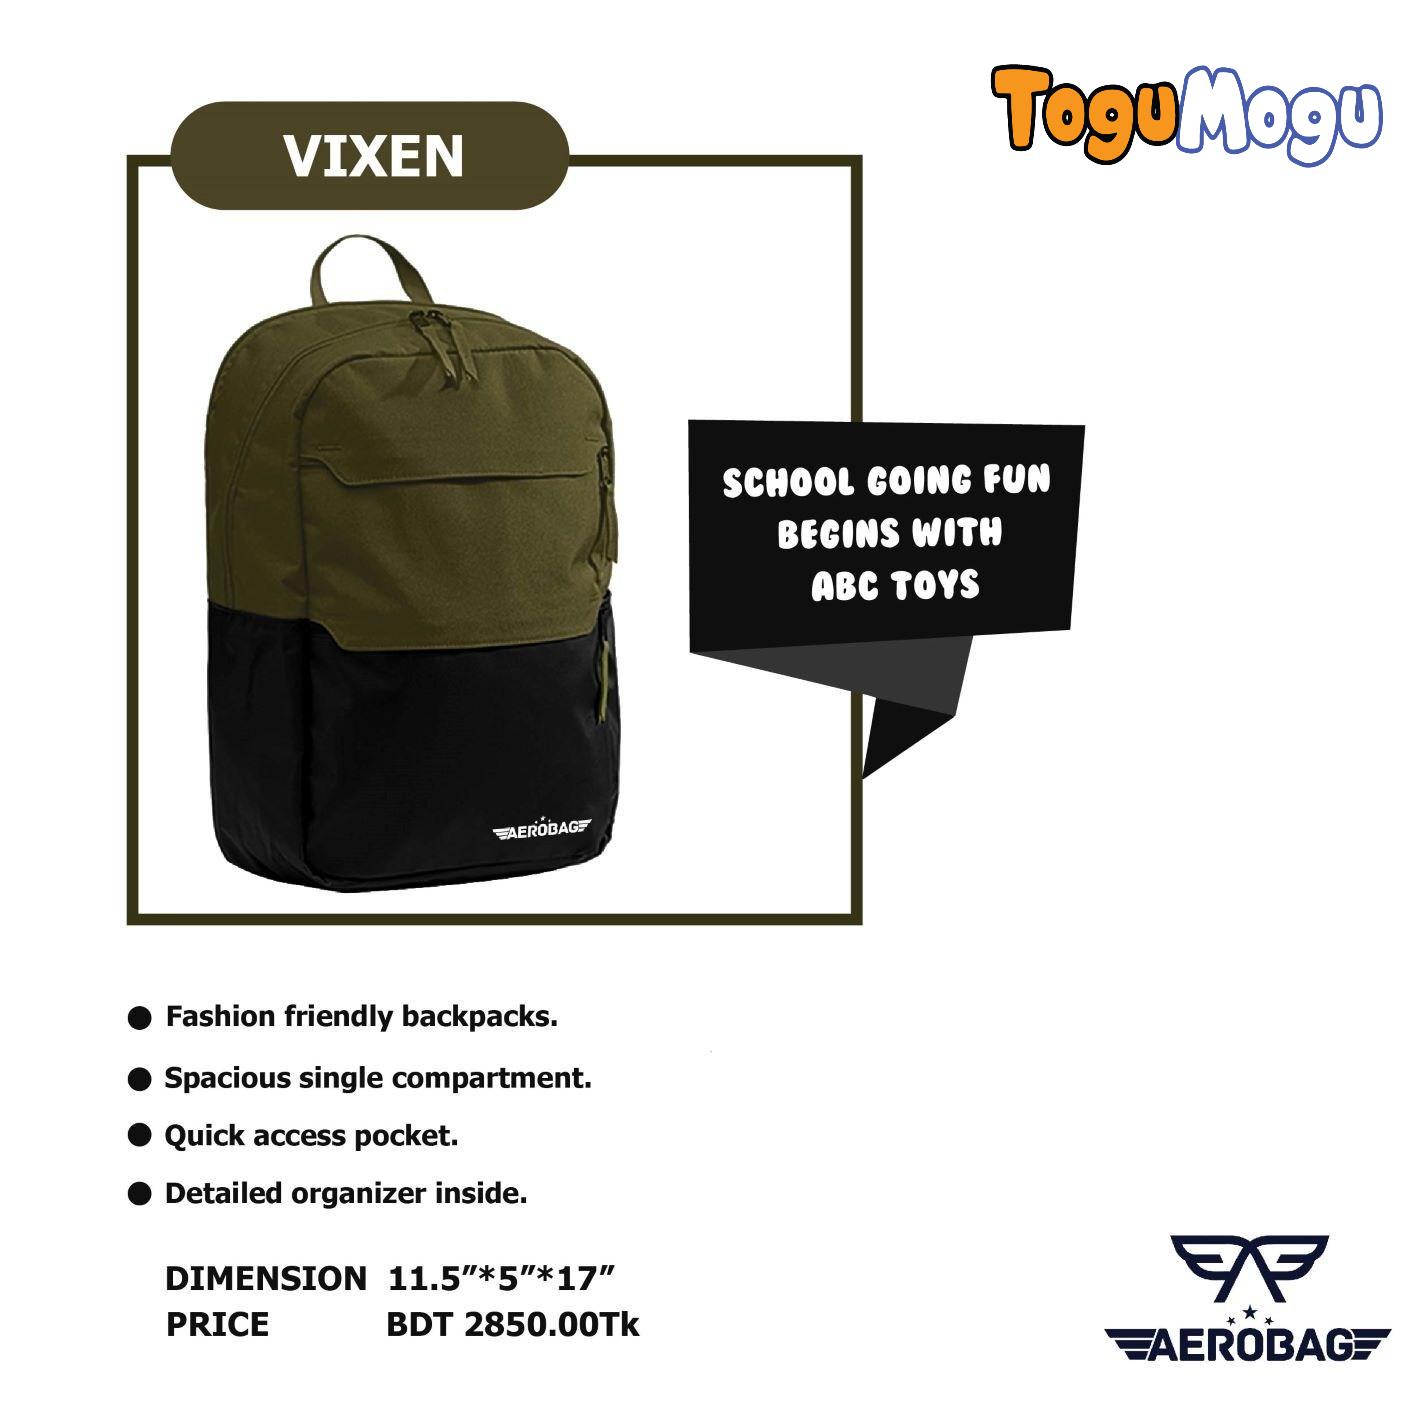 AEROBAG AER080 Vixen Green